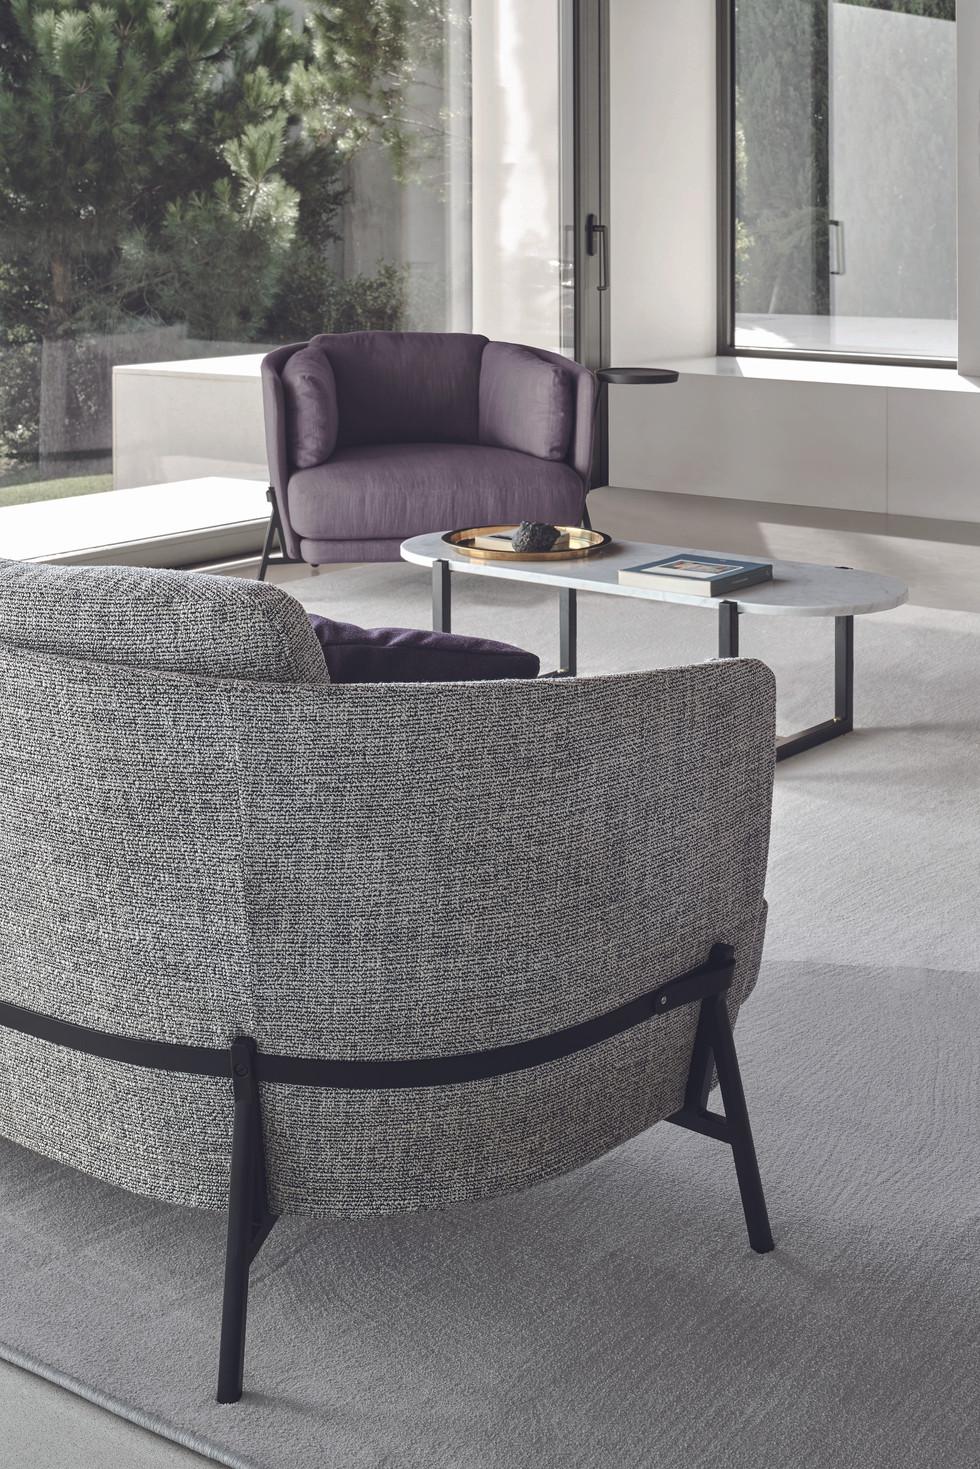 arflex-sigmund-small-table-design-studio